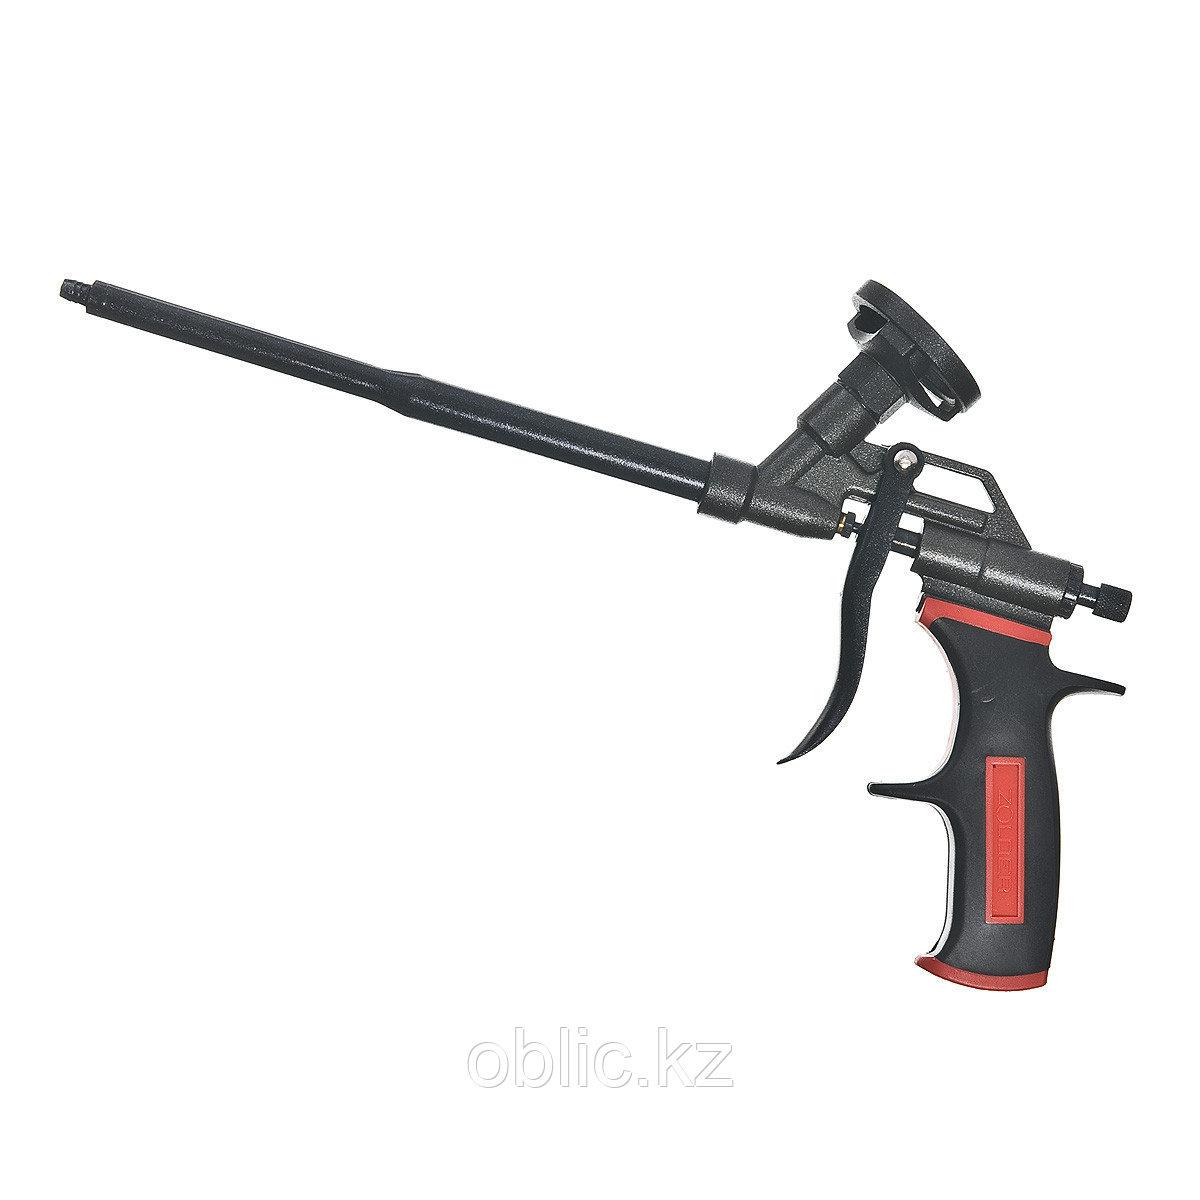 Профессиональный монтажный пистолет